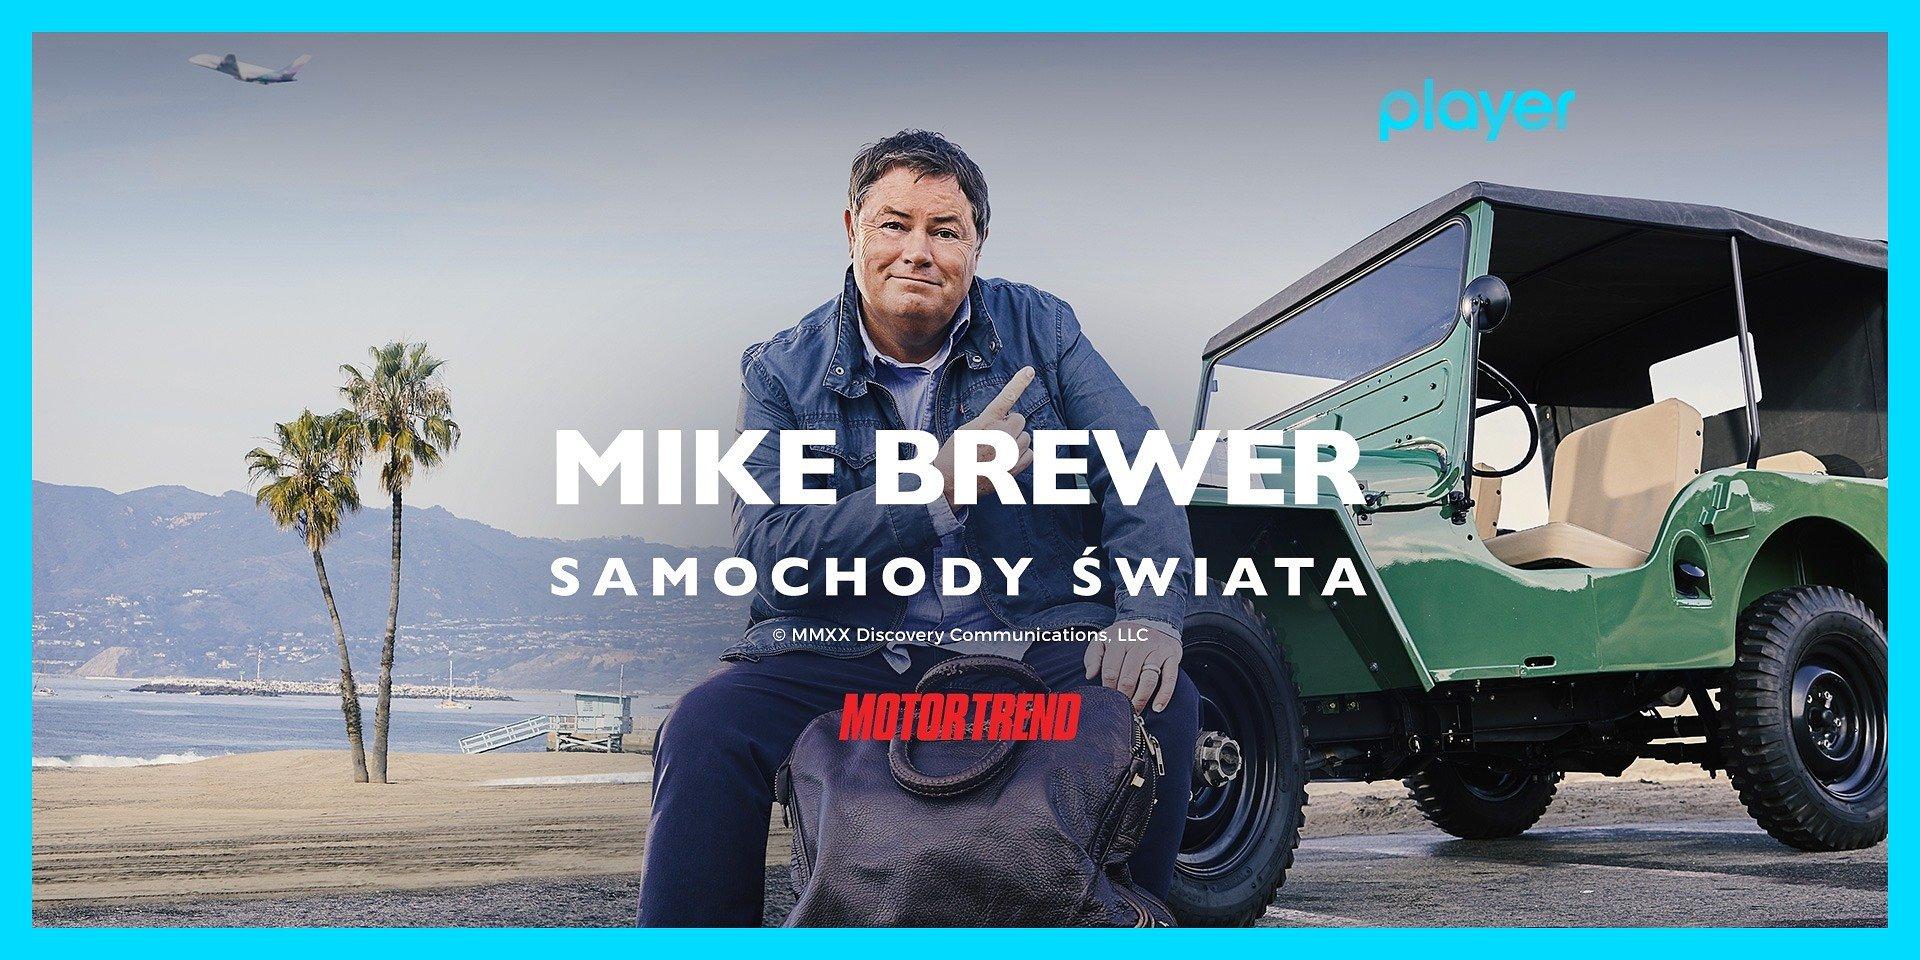 """""""Mike Brewer. Samochody świata"""" oraz inne gorące premiery w kolekcji MotorTrend tylko w Playerze!"""